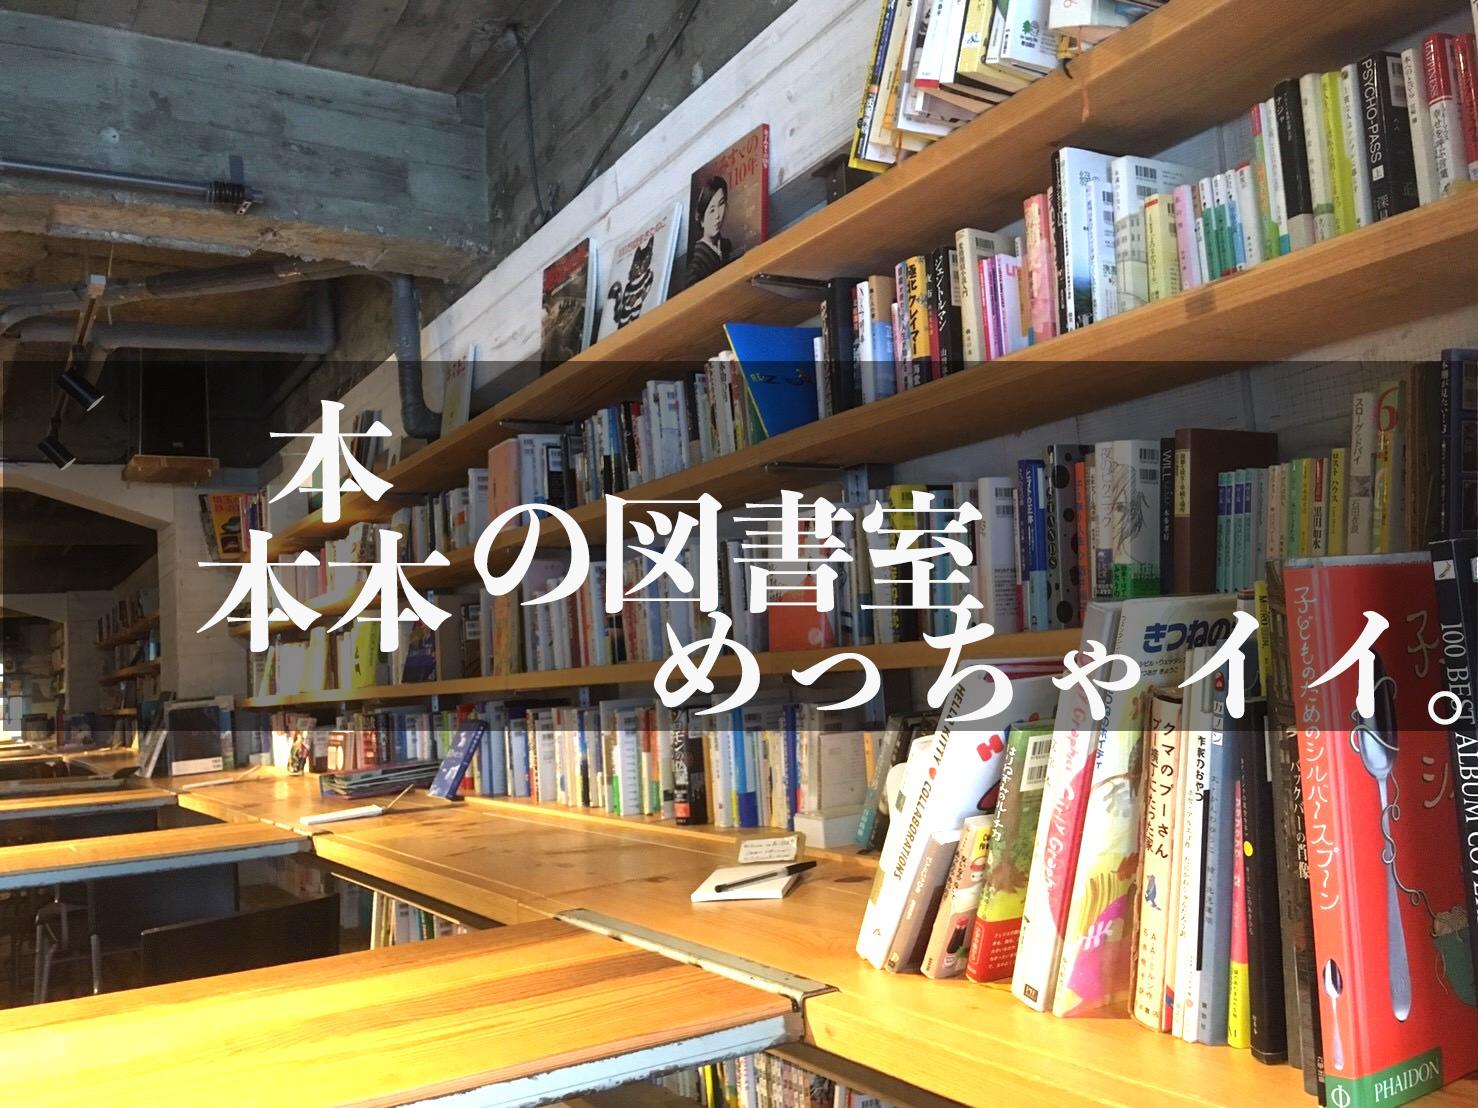 渋谷にある秘密基地みたいな森の図書室